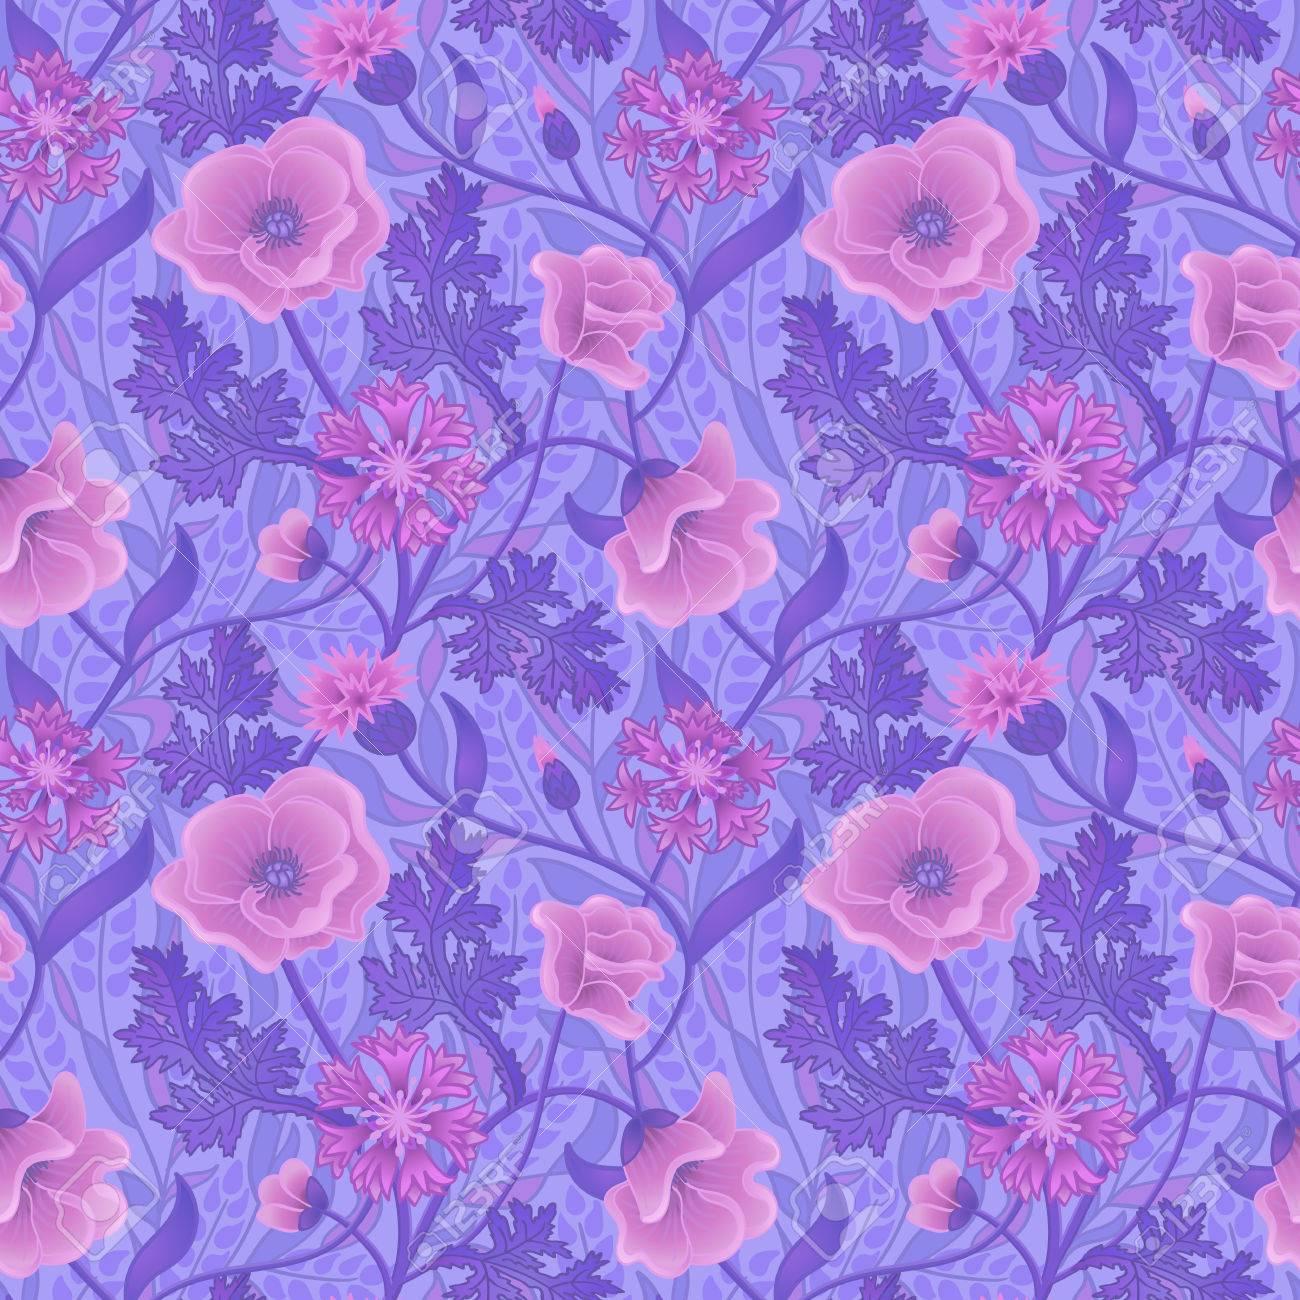 Papier Peint Naturel Avec Des Fleurs Roses Et Des Feuilles Violettes